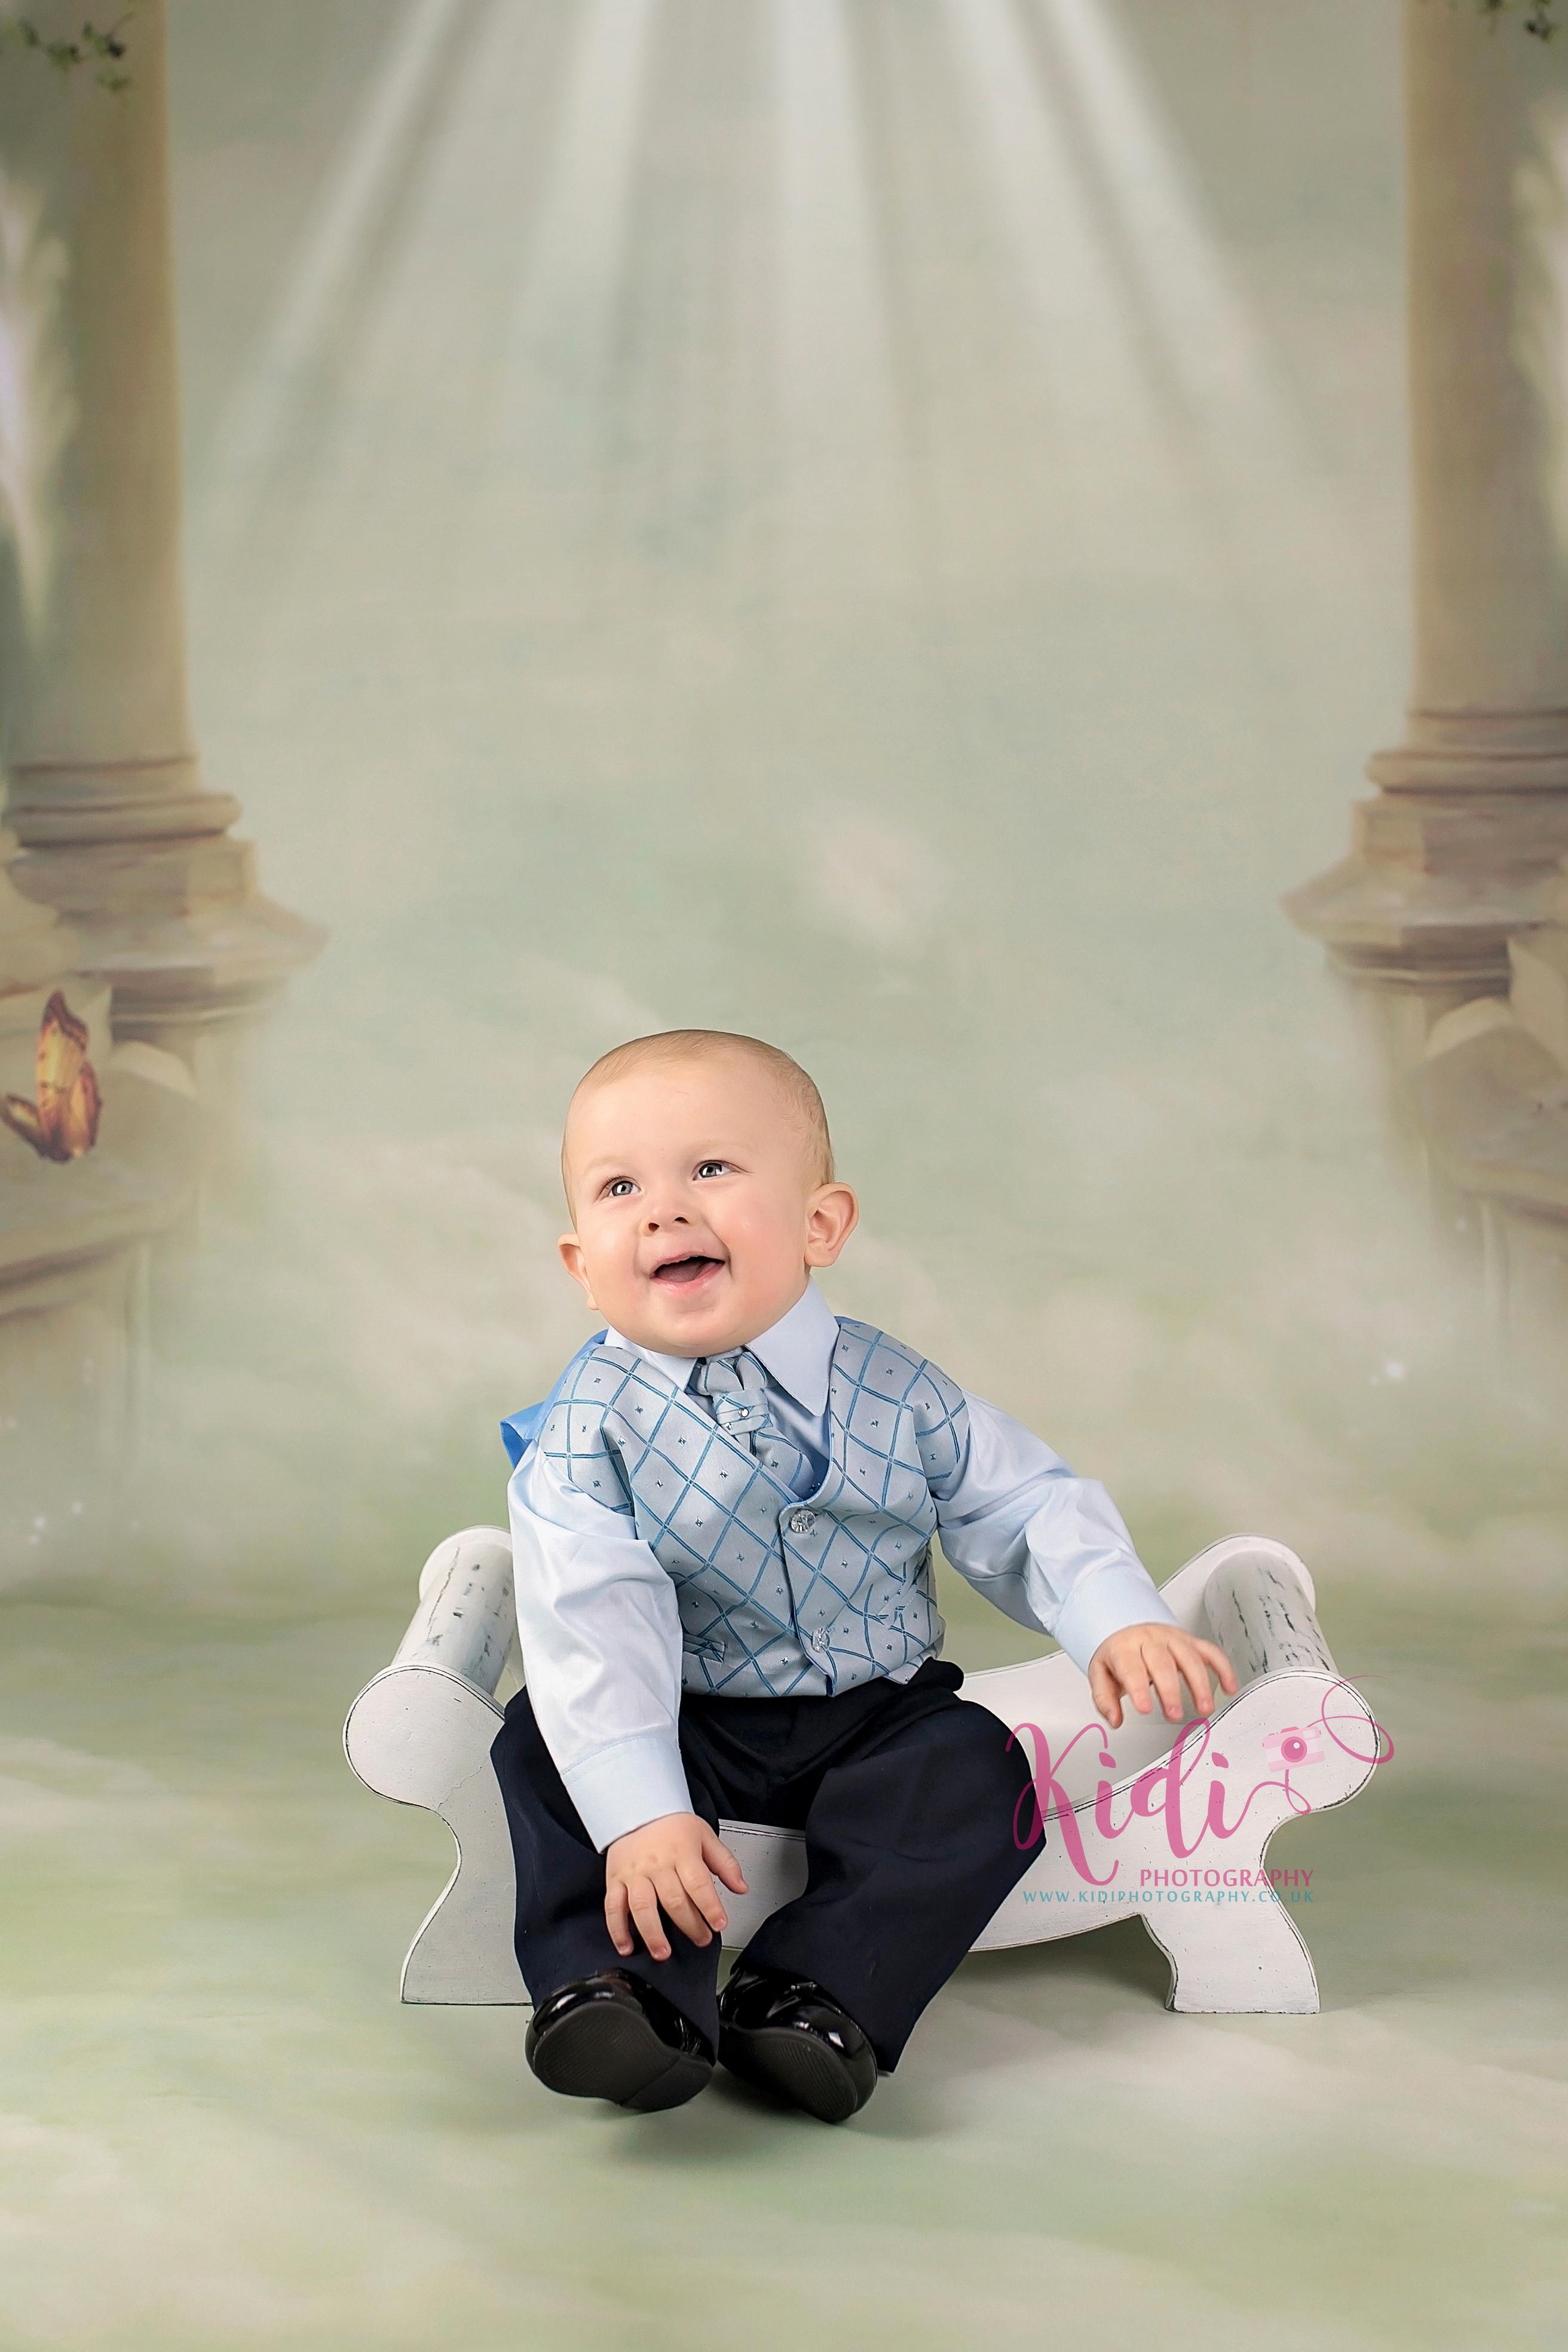 Christening photo shoot